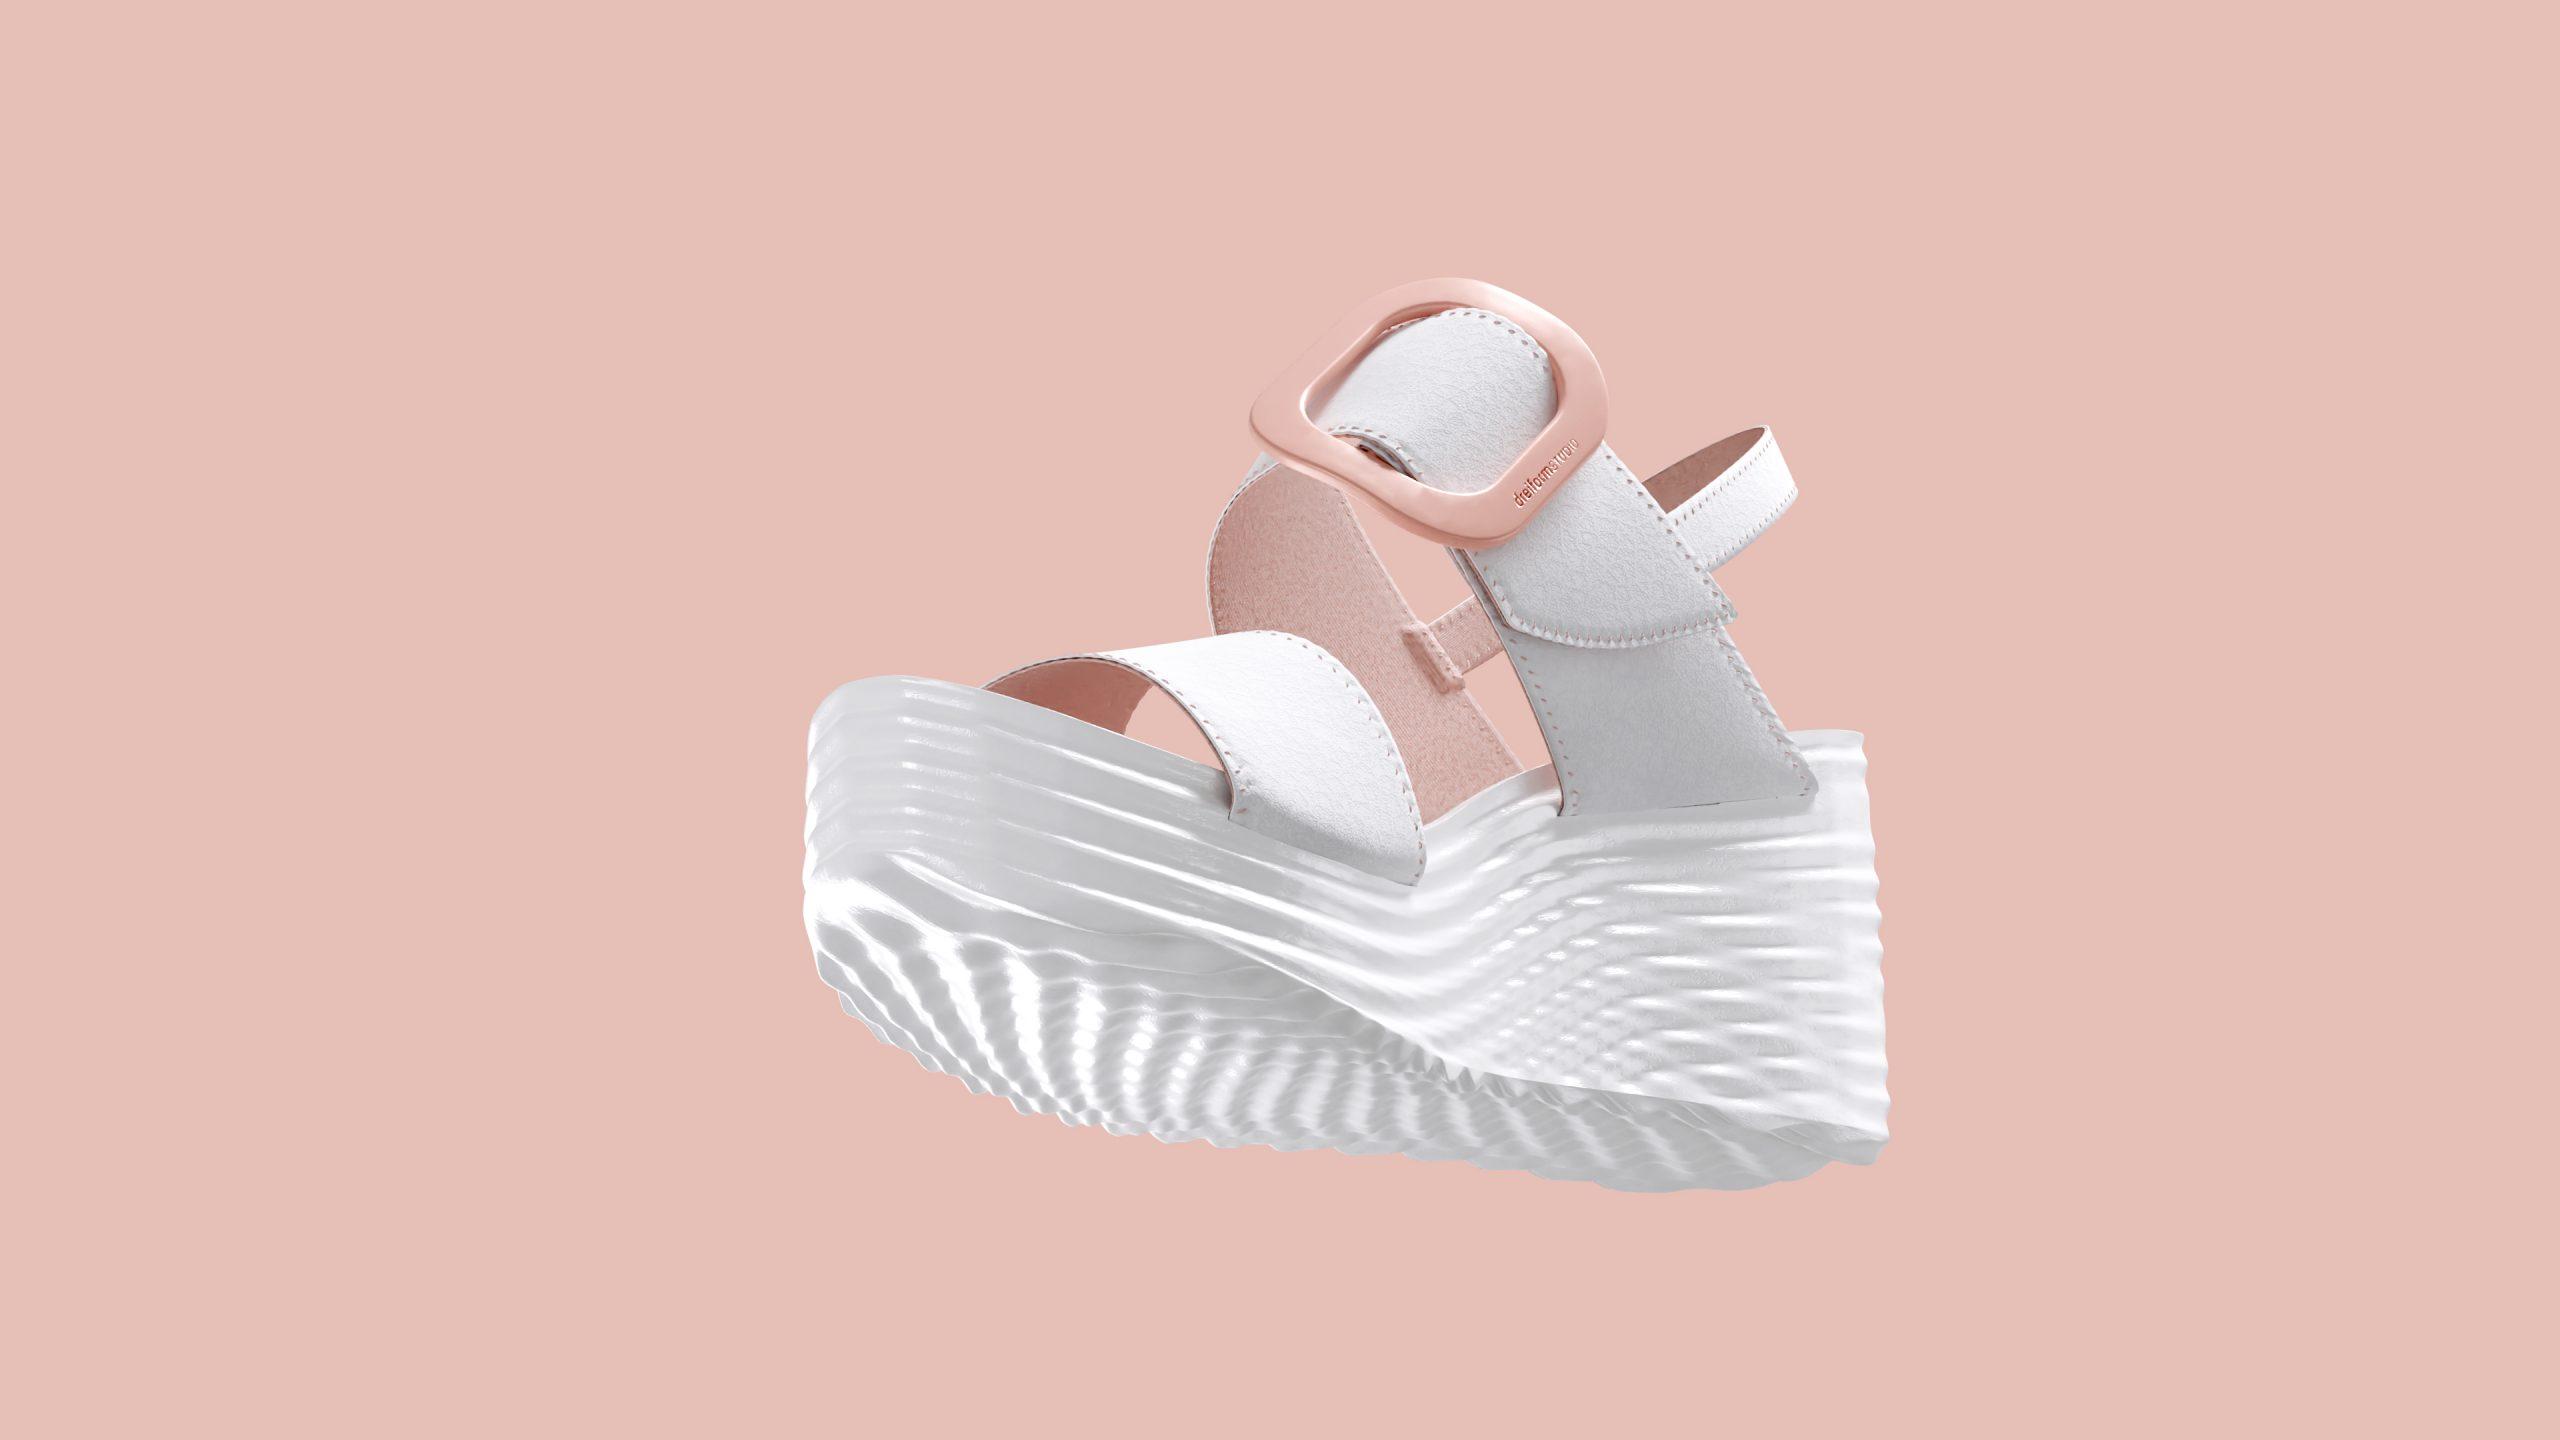 dreiformstudio white concept wedge sandals on peach background, view: below